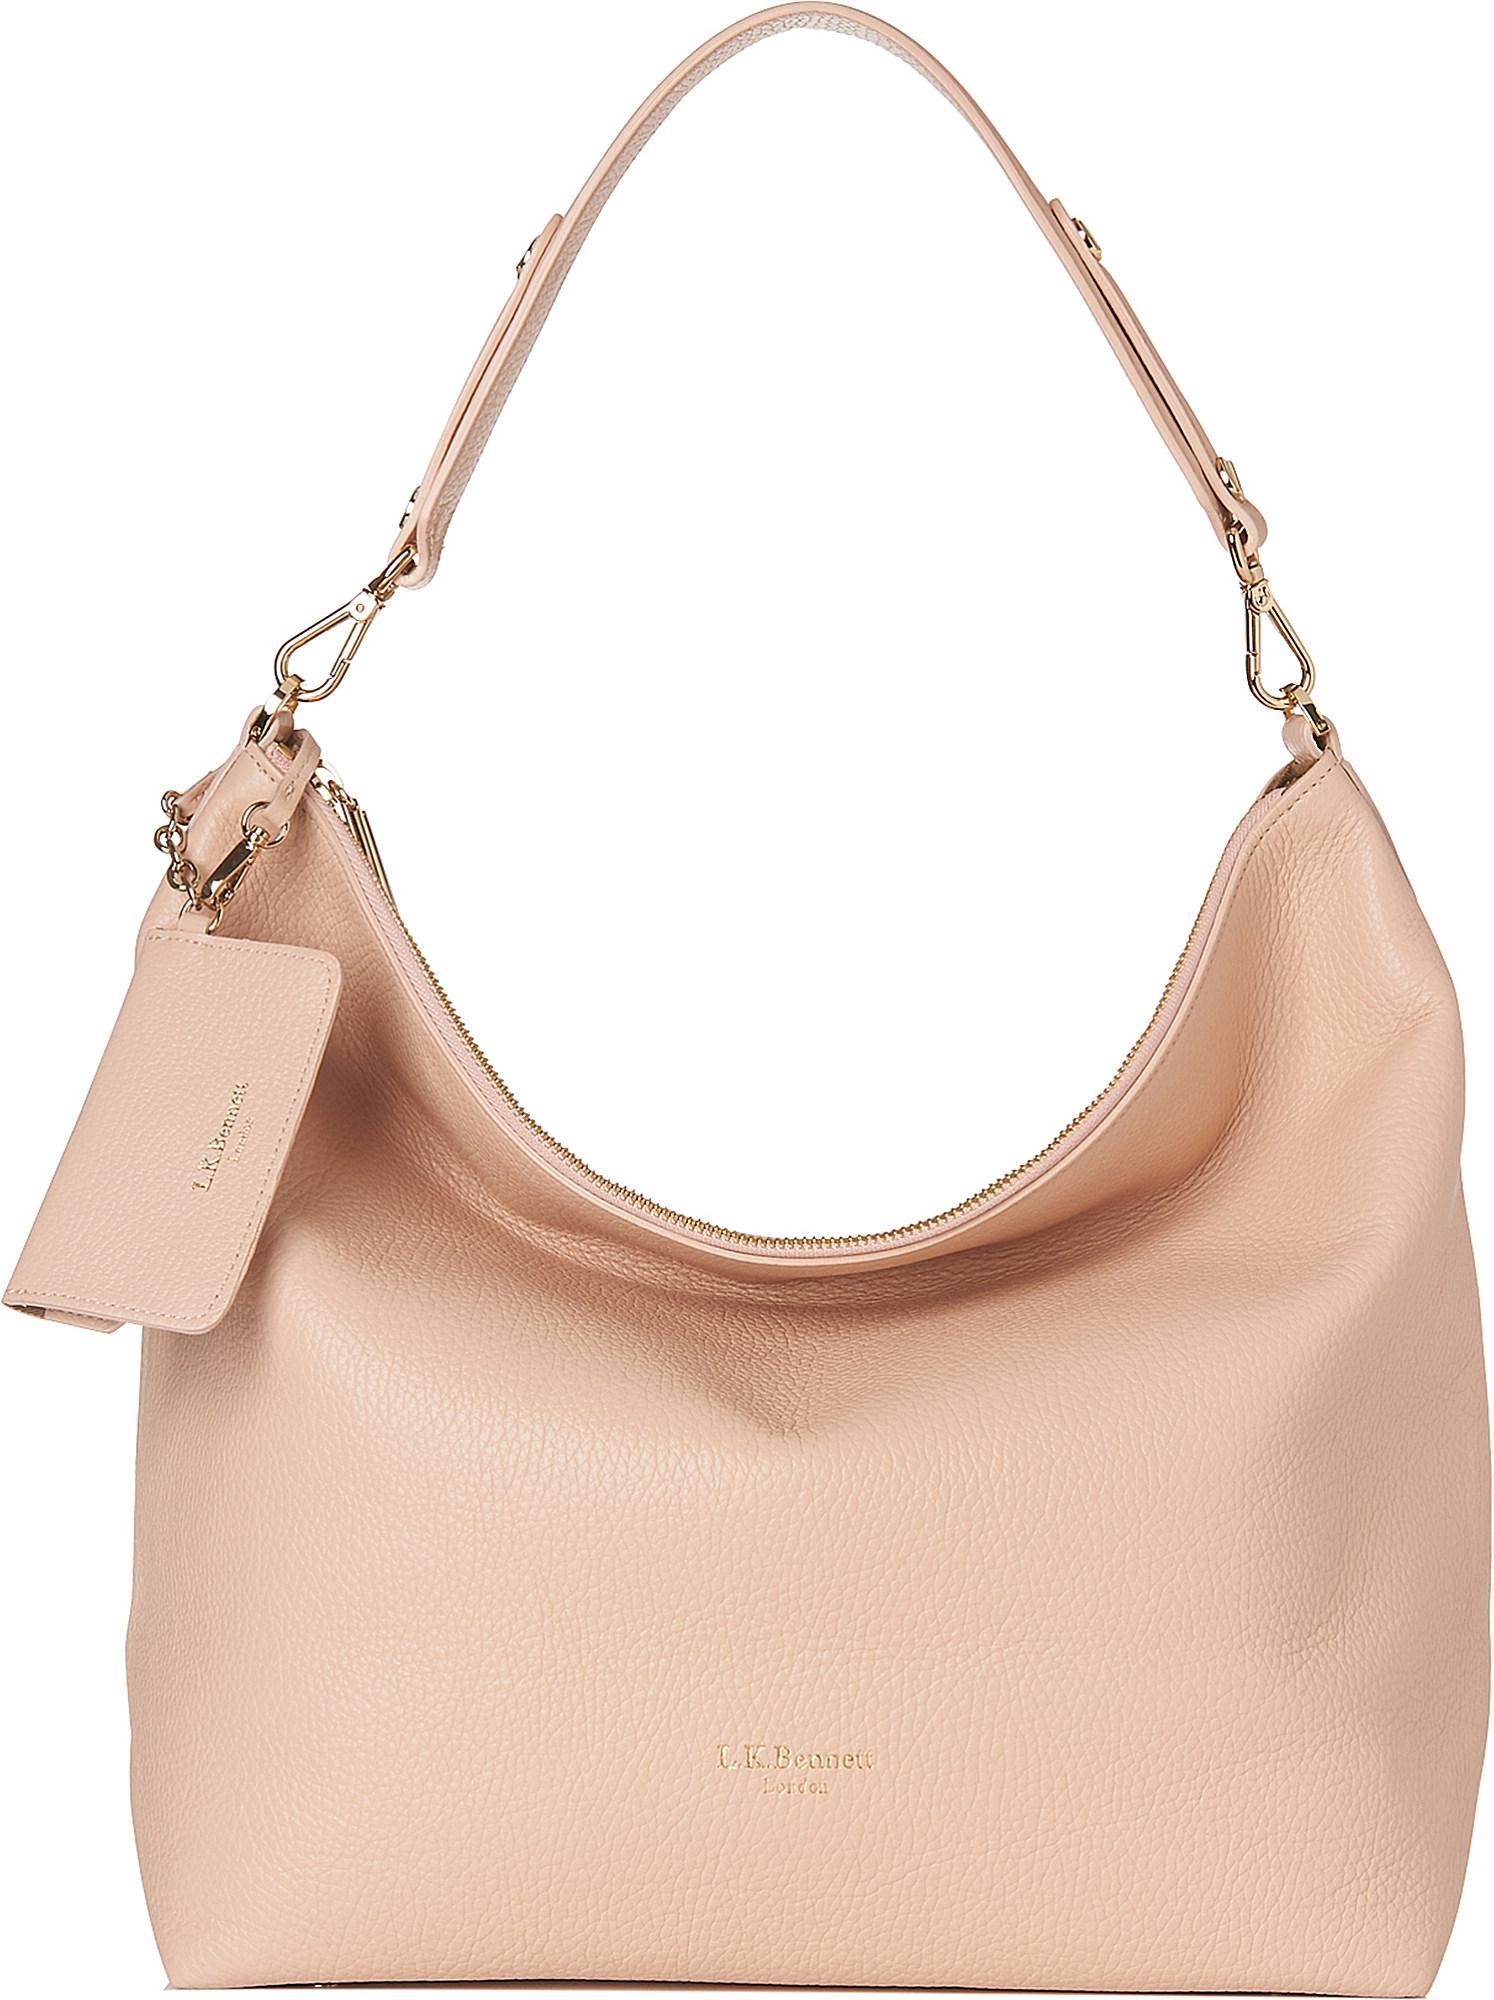 bca9c3a61eb2 Lyst - L.K.Bennett Margot Leather Hobo Bag